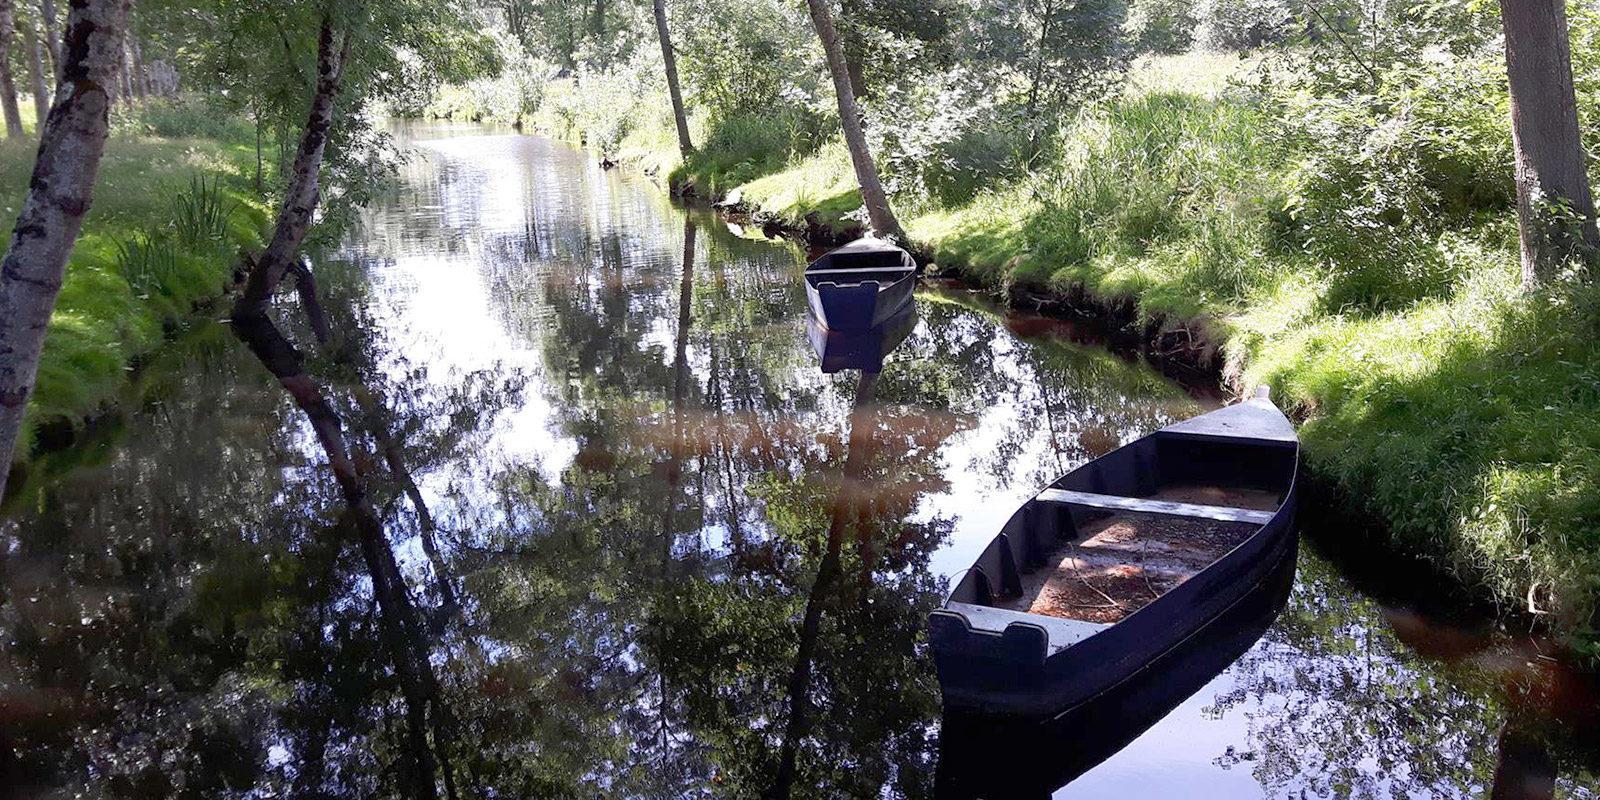 Canal-de-la-chaussée à Besné en Loire Atlantique,44